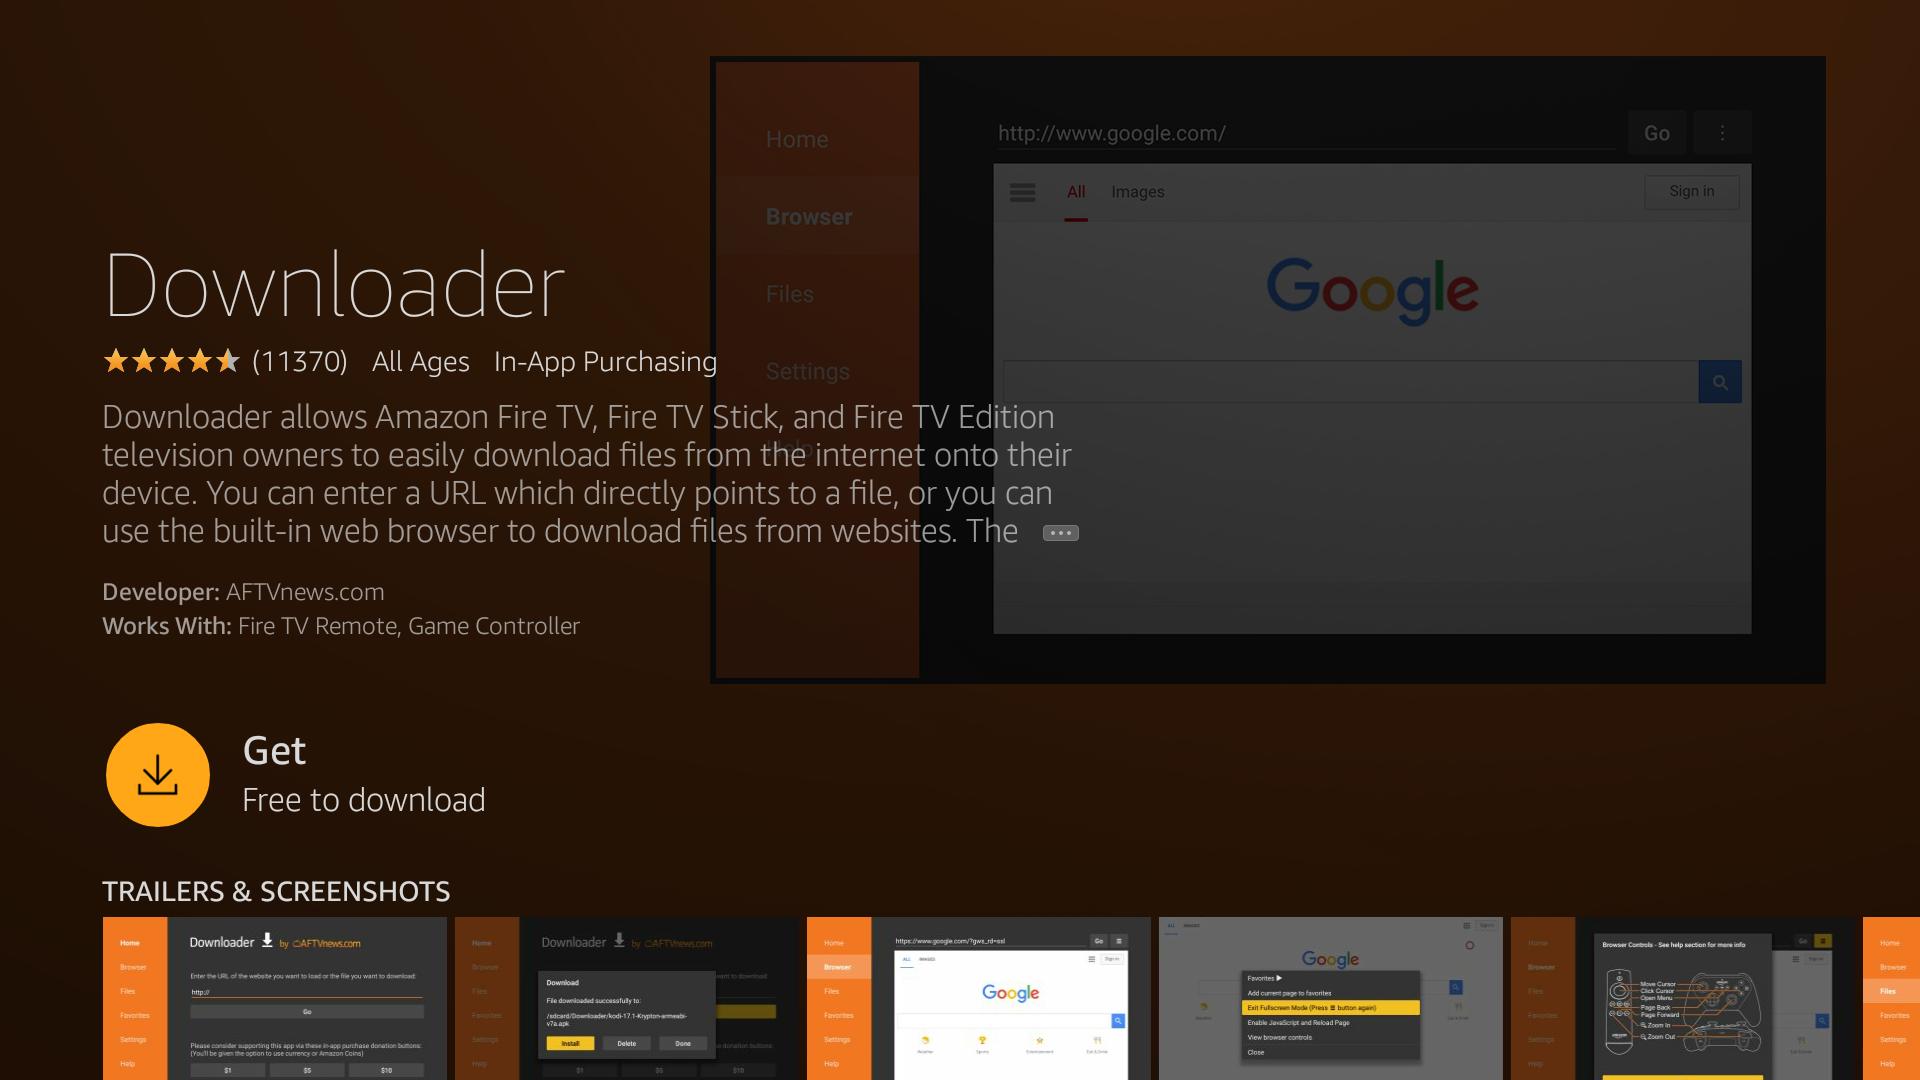 Update Kodi on Fire - Downloader app screenshot - 4